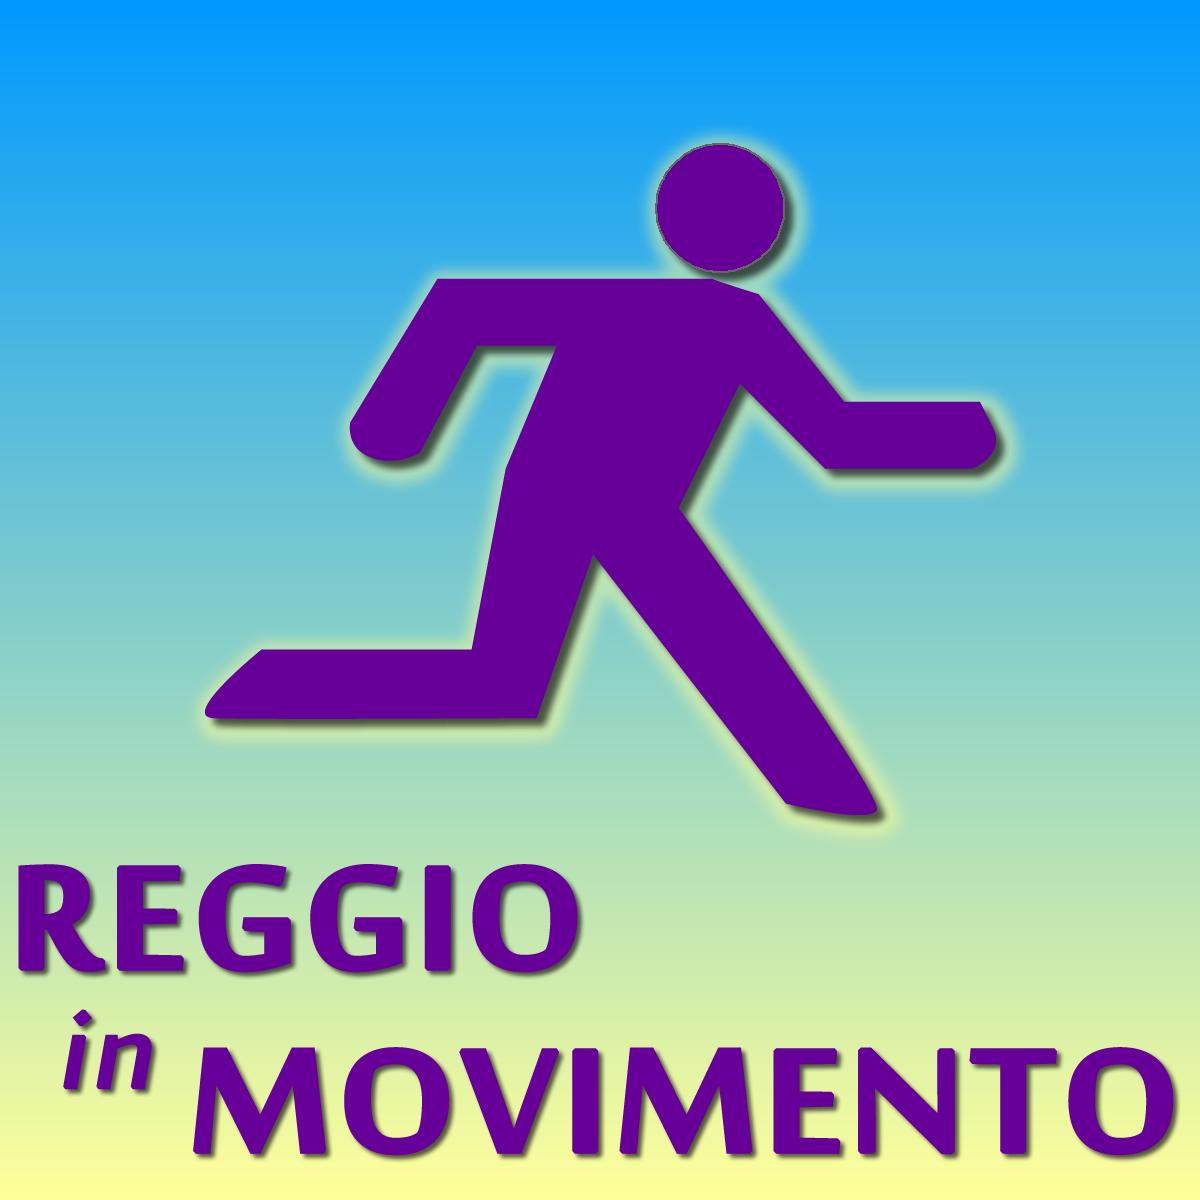 Reggio in Movimento